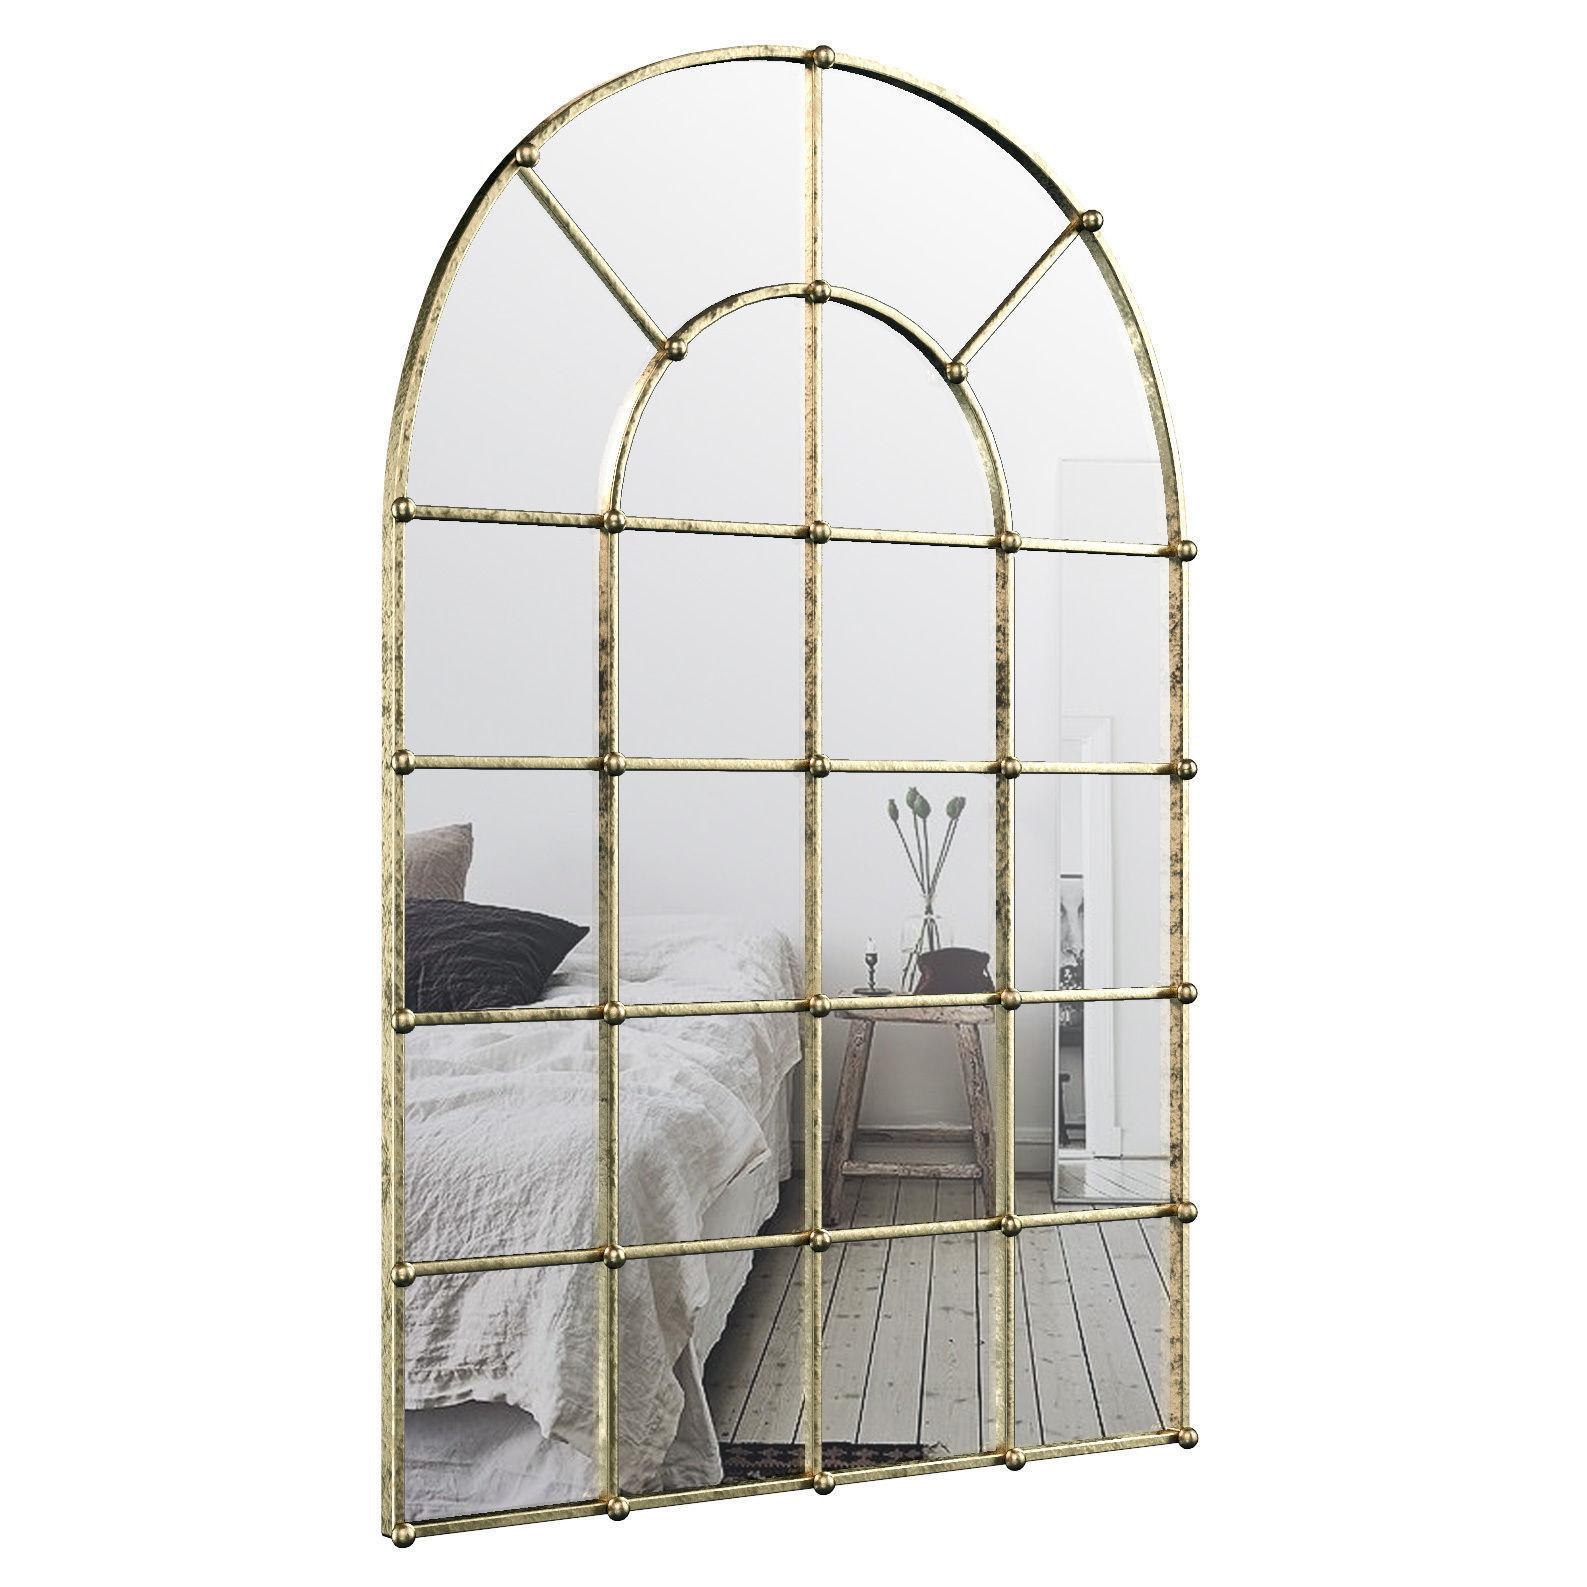 Metal Arch Window Wall Mirror Oawy8570 | 3D Model Inside Metal Arch Window Wall Mirrors (Photo 19 of 20)